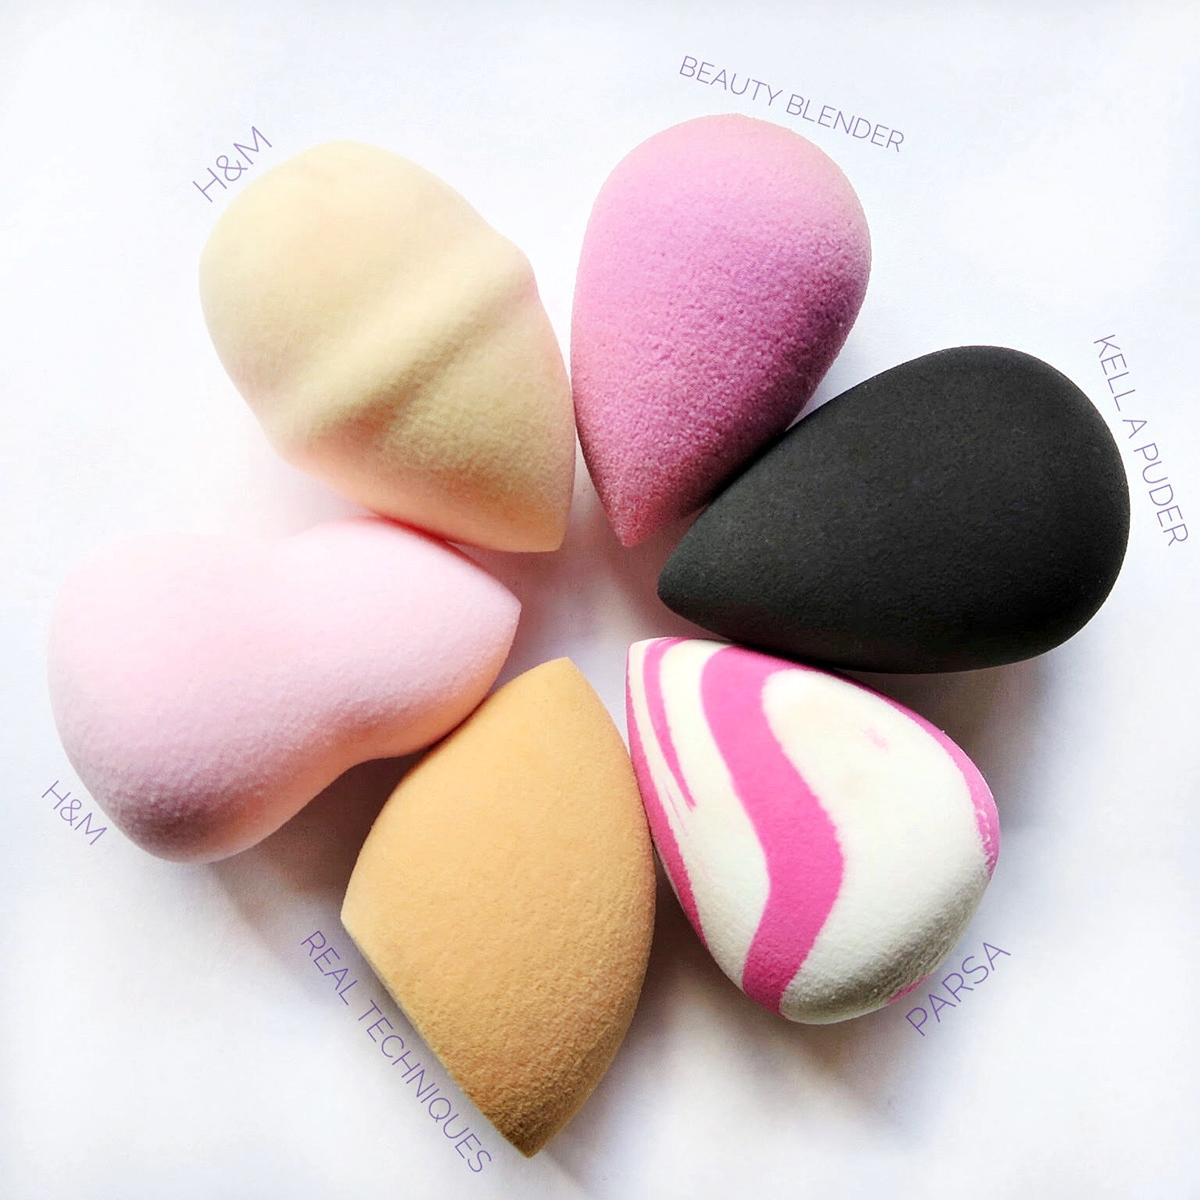 TOP 5 Make-up-sponges